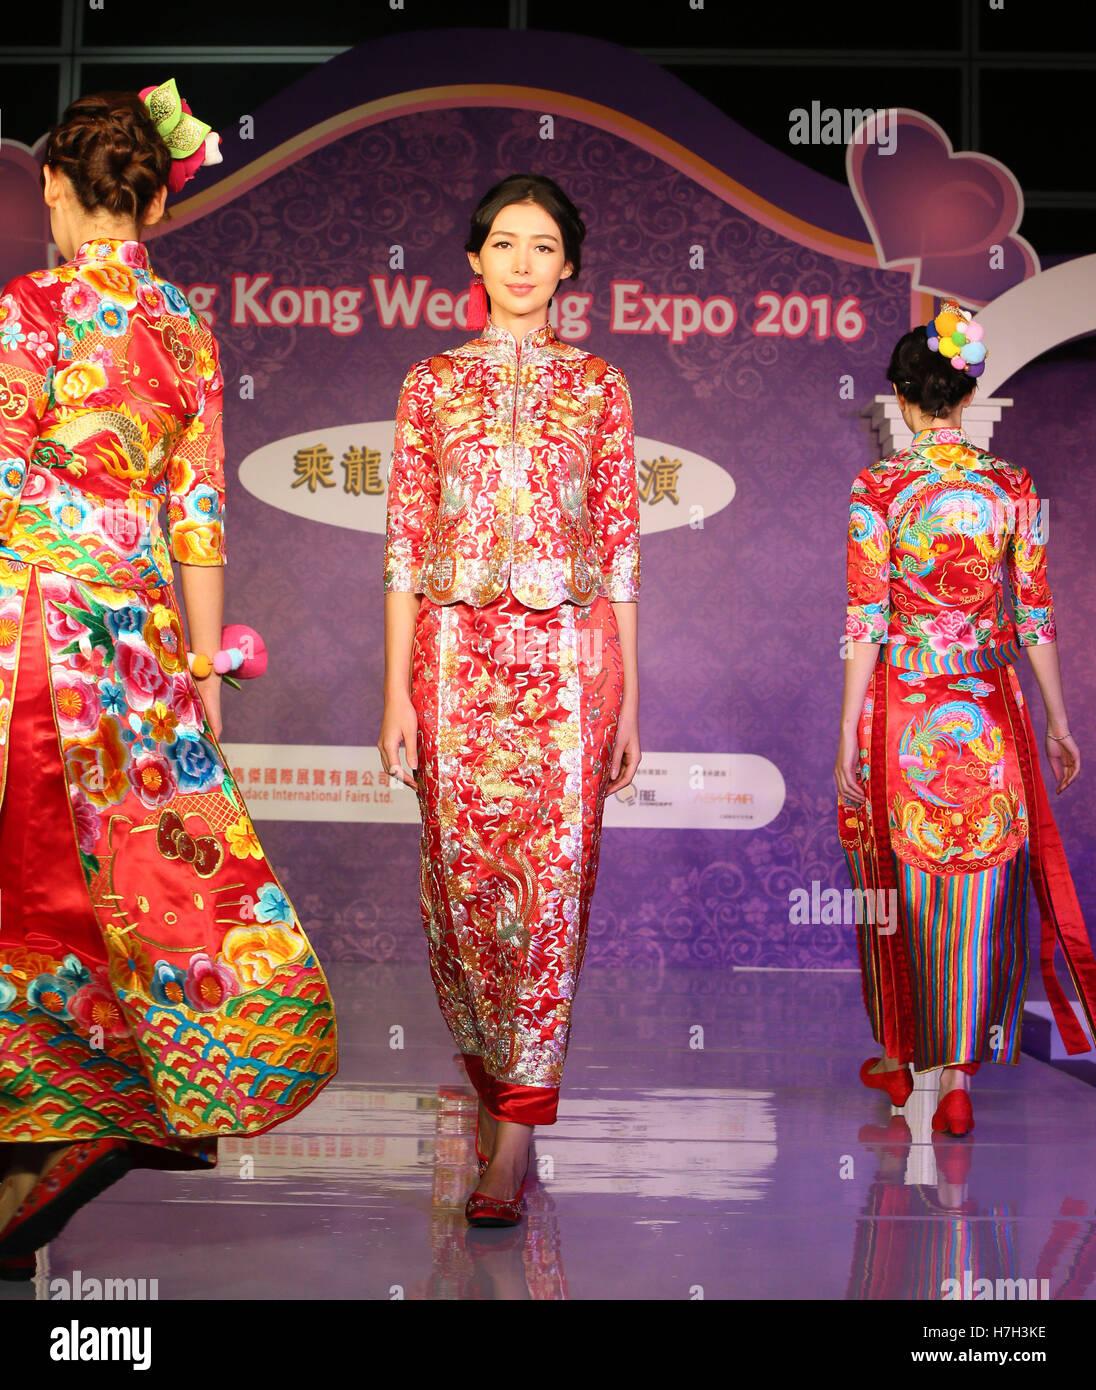 Models present Chinese traditional wedding dresses at Hong Kong Wedding  Expo 2016 in Hong Kong 59ab174eab